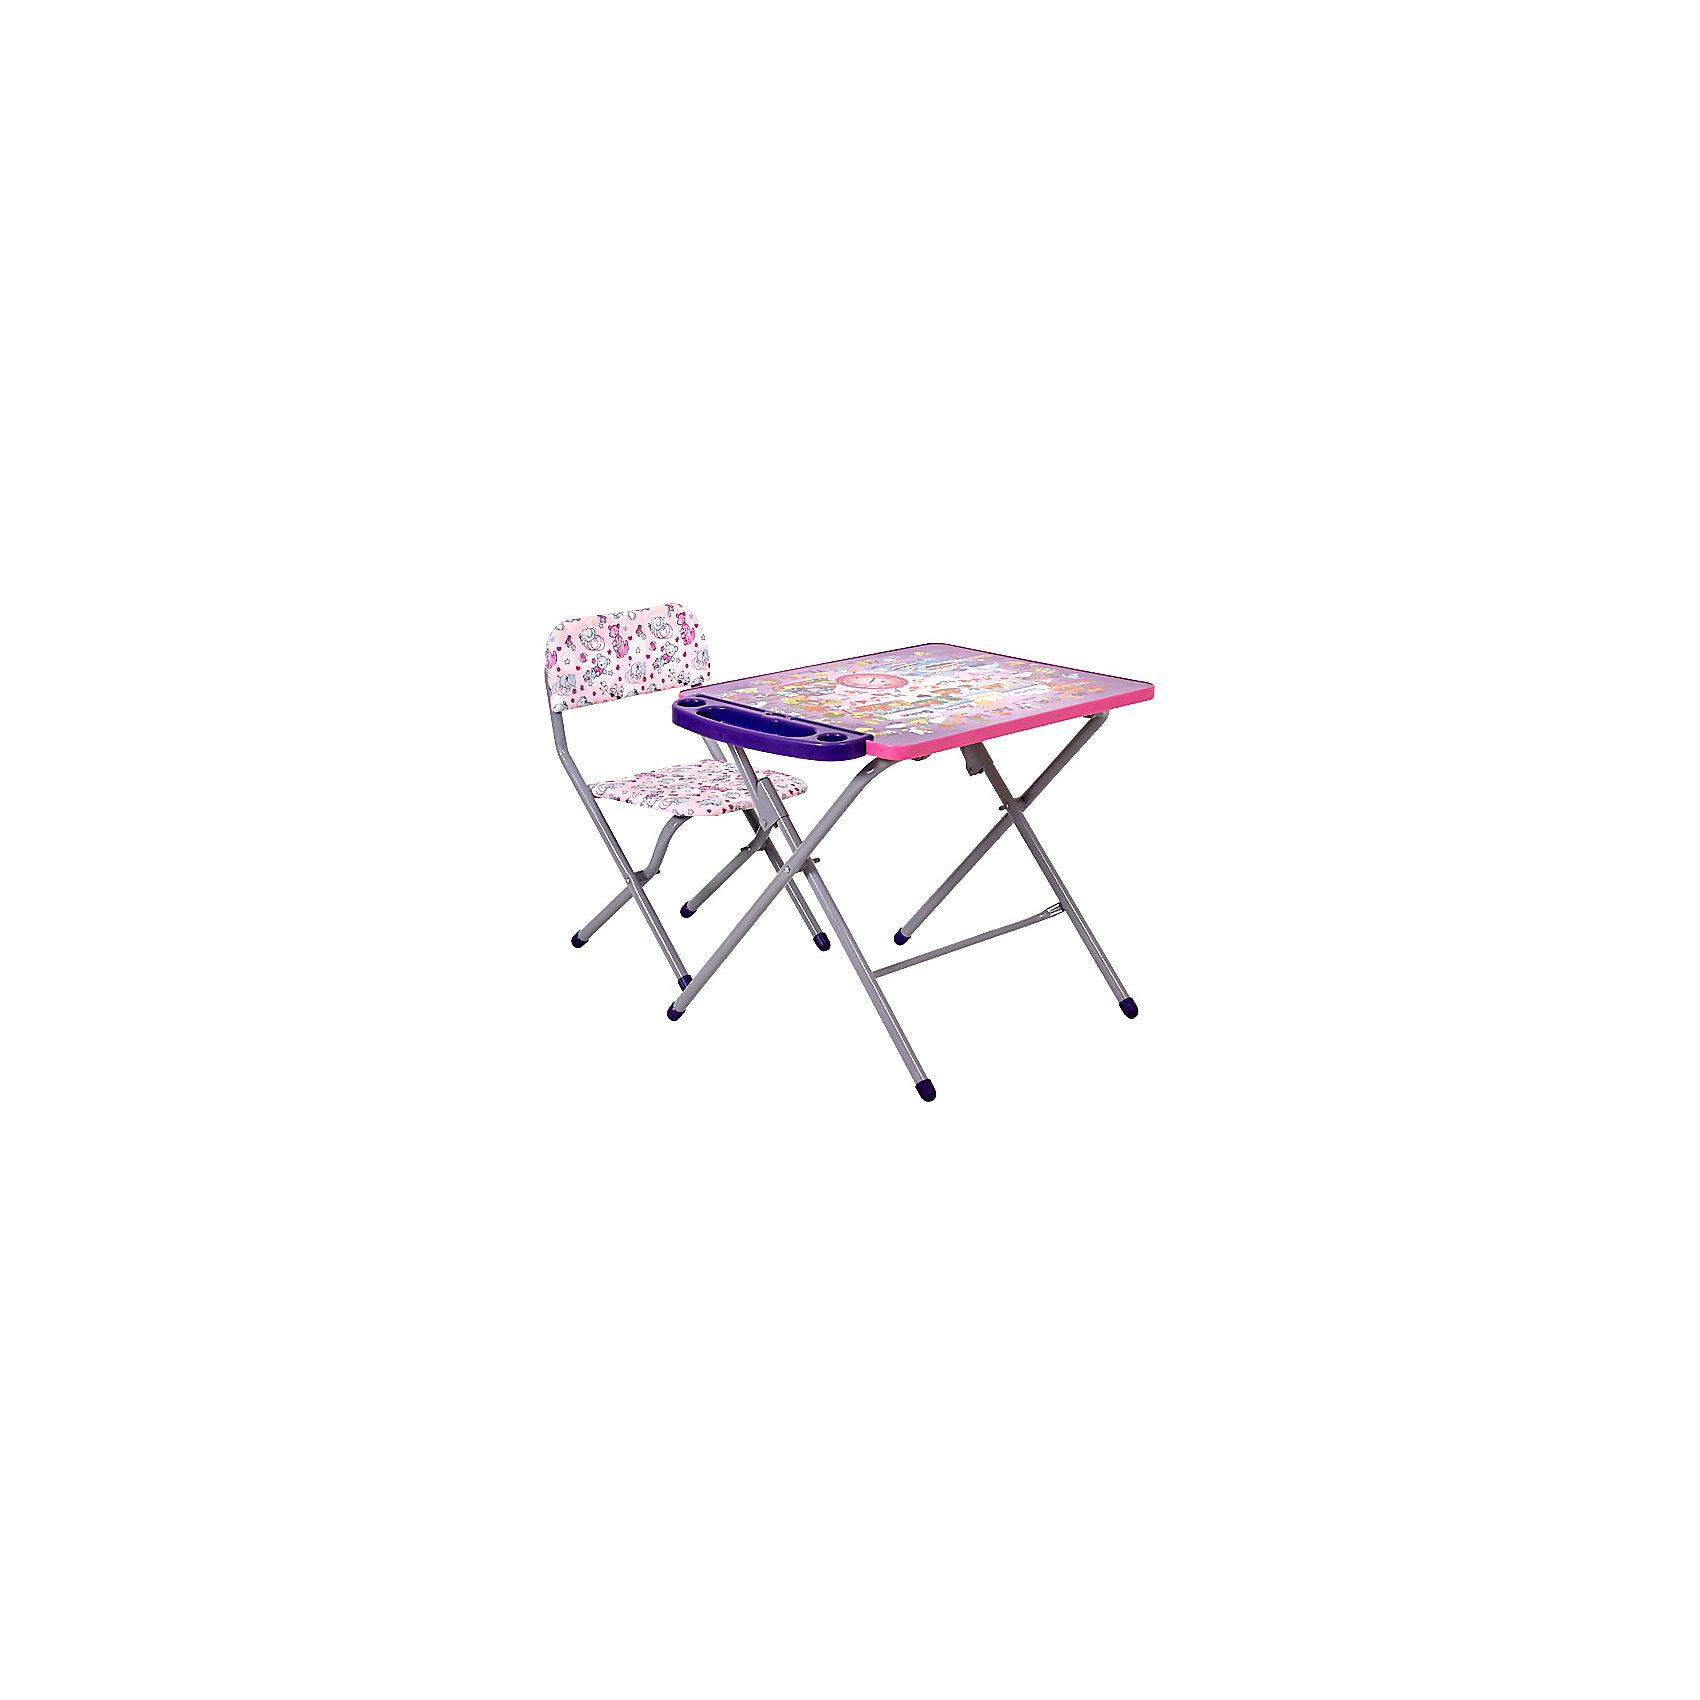 ФЕЯ Комплект детской мебели Алфавит, Фея, сиреневый фея комплект детской мебели алфавит фея сиреневый